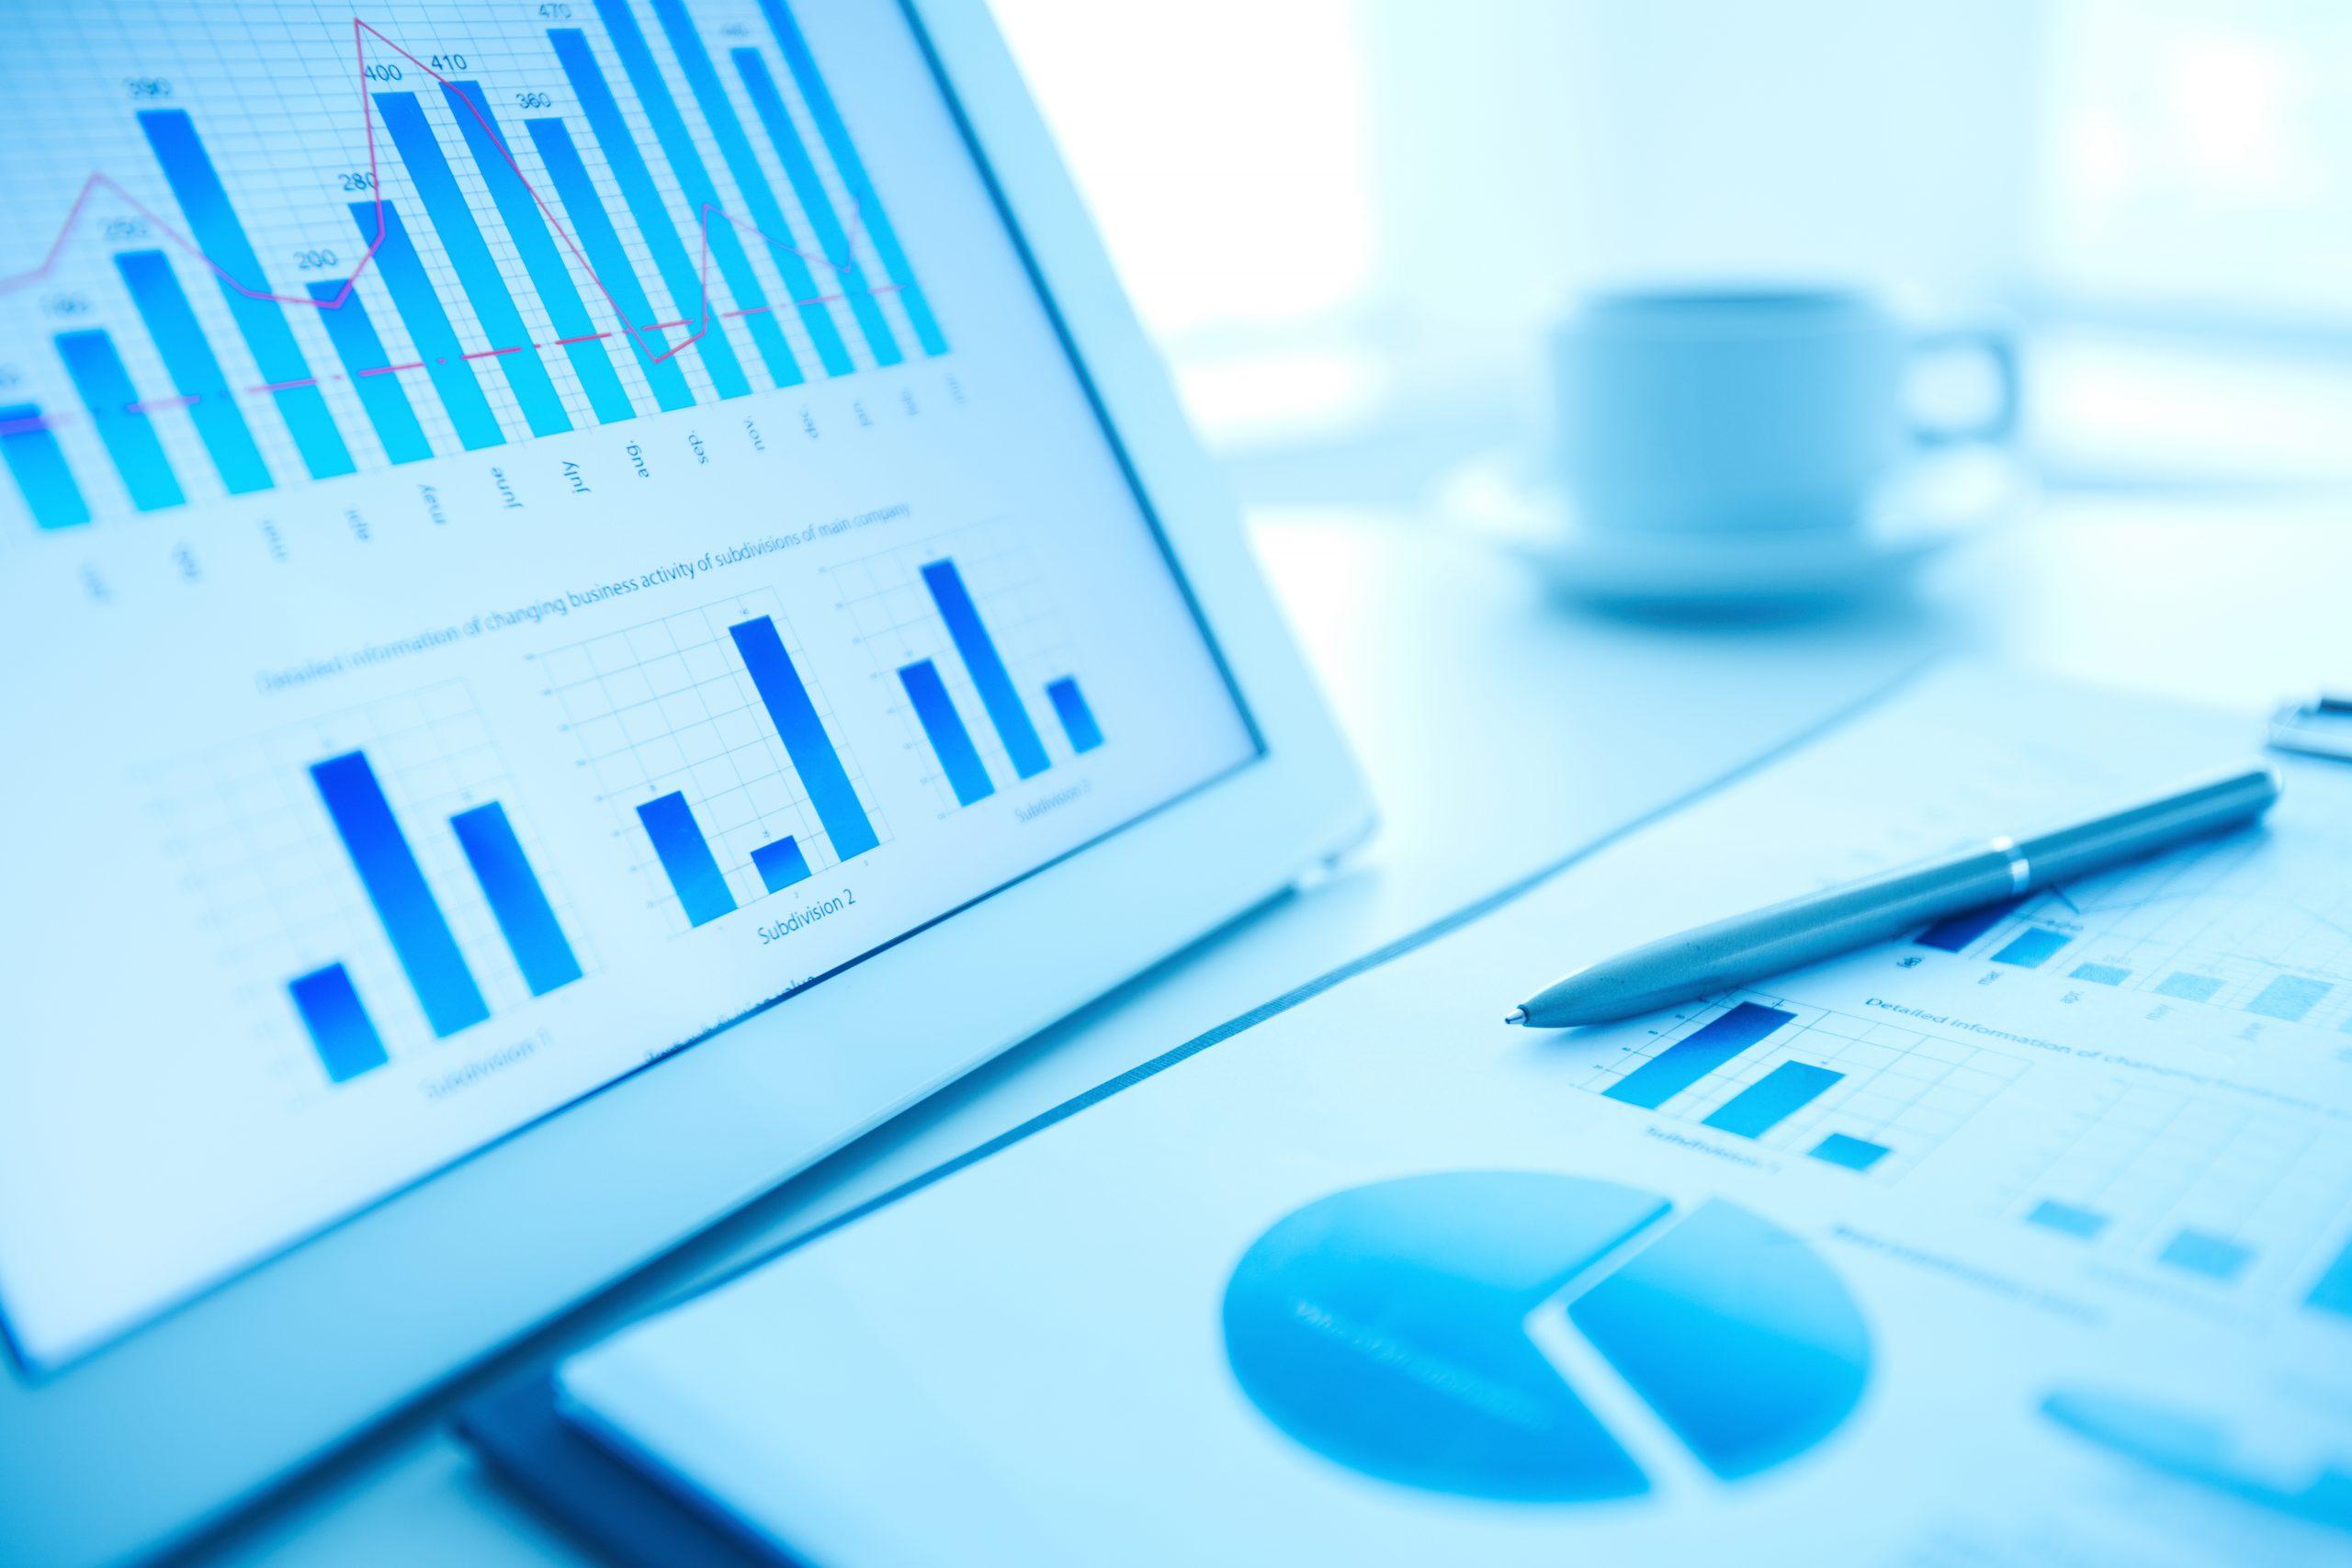 إحصائيات-عن-التجارة-الإلكترونية